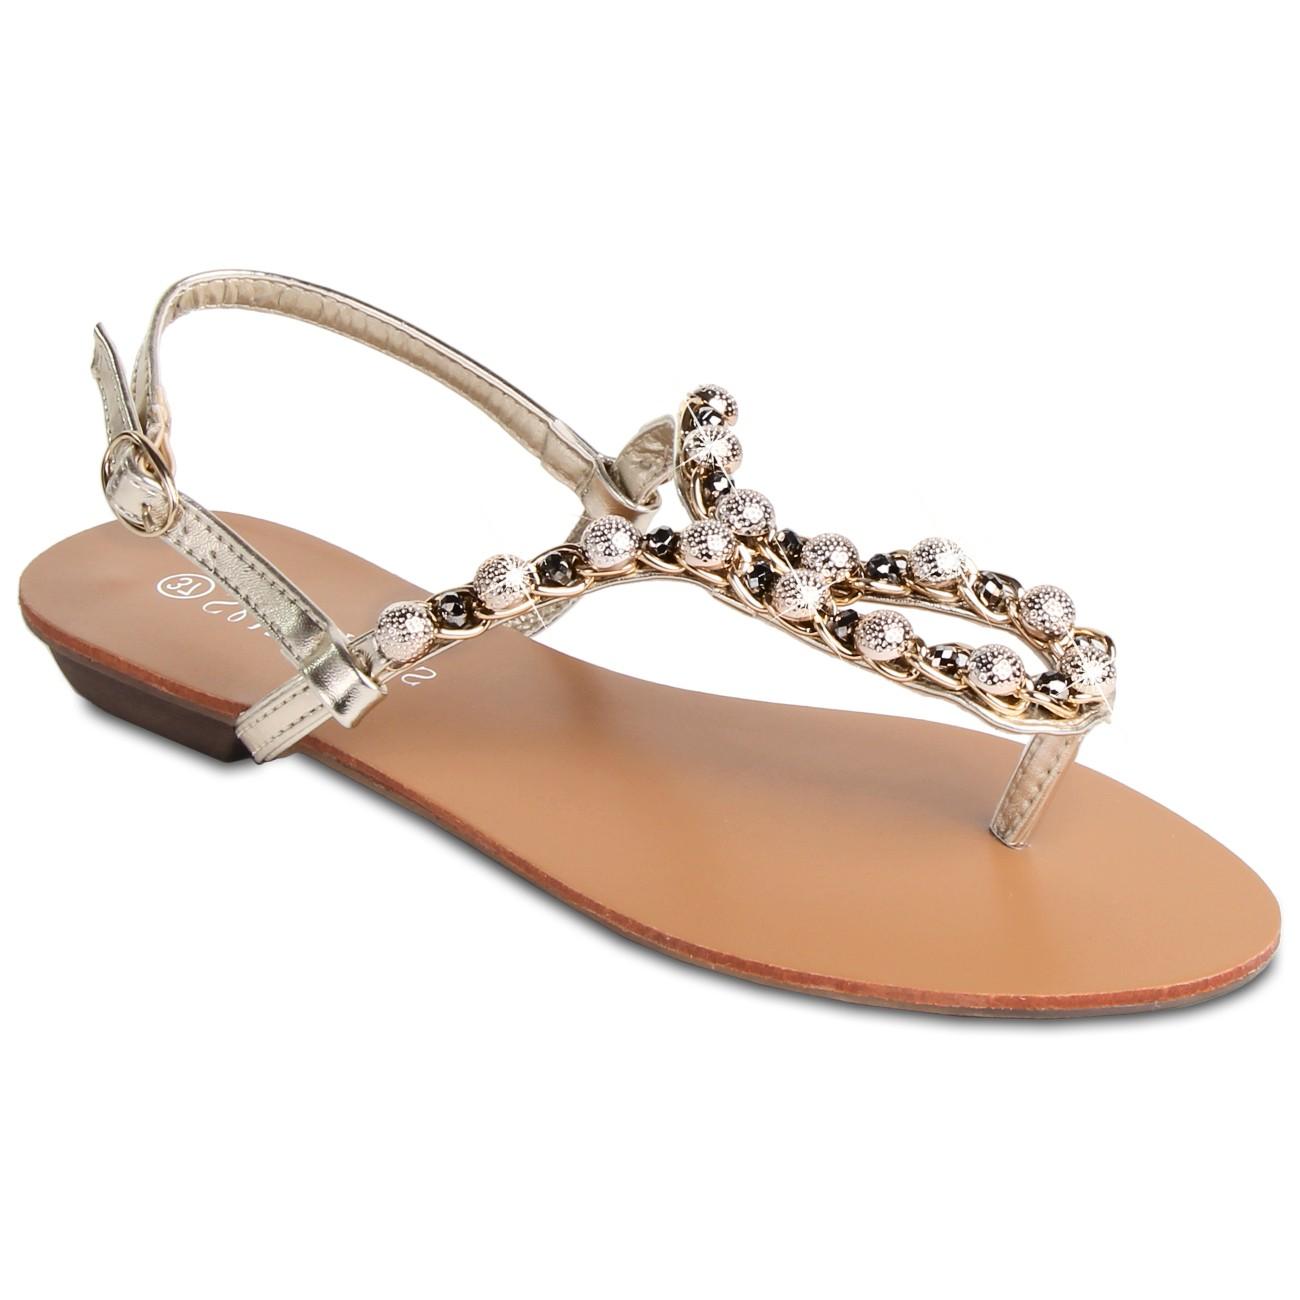 caspar damen sandaletten sandalen zehentrenner mit. Black Bedroom Furniture Sets. Home Design Ideas